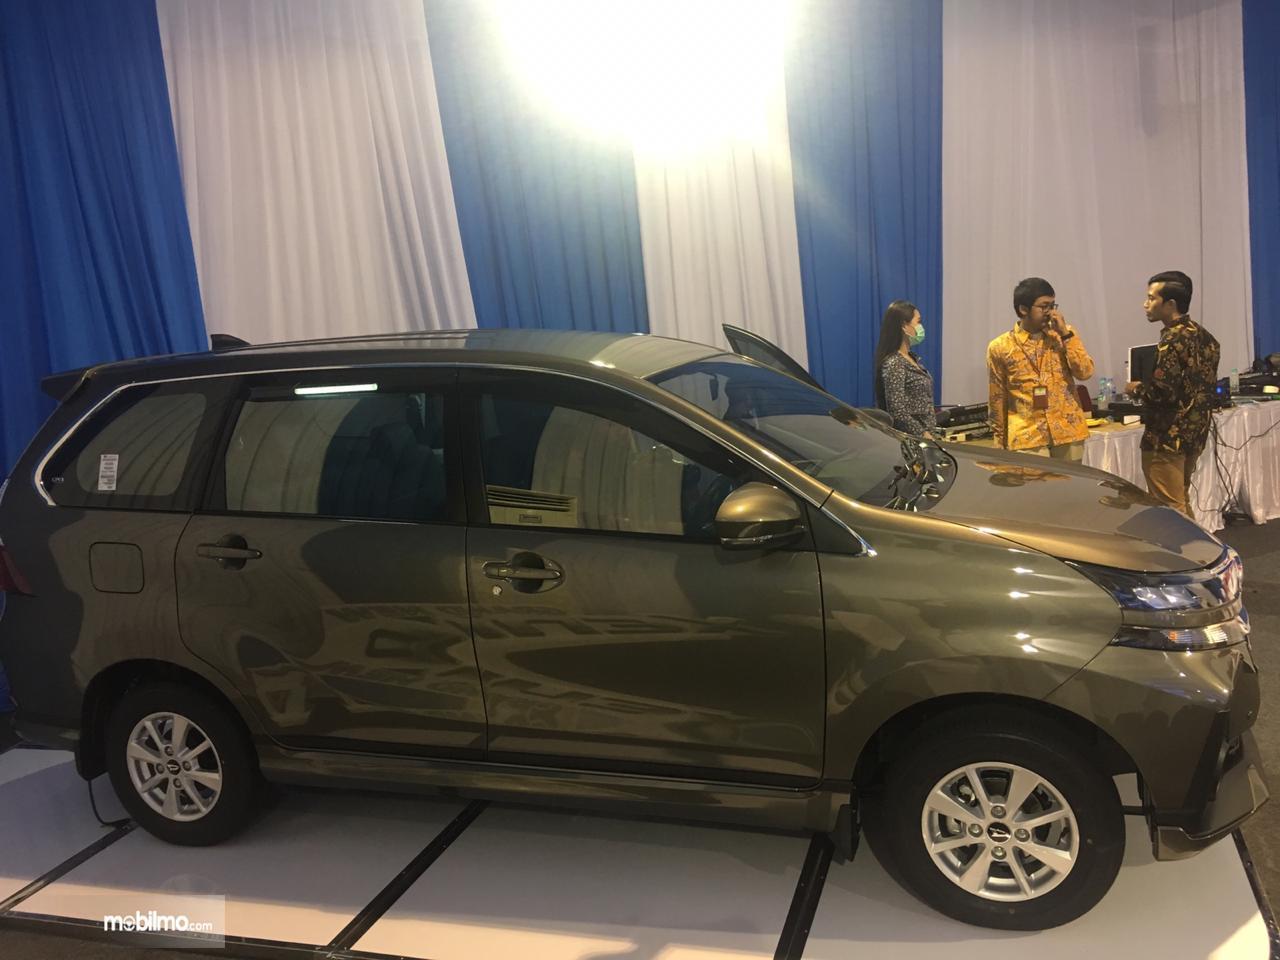 Tapak tampilan samping Daihatsu Grand New Xenia R A/T 1.3 2019 berwarna abu-abu